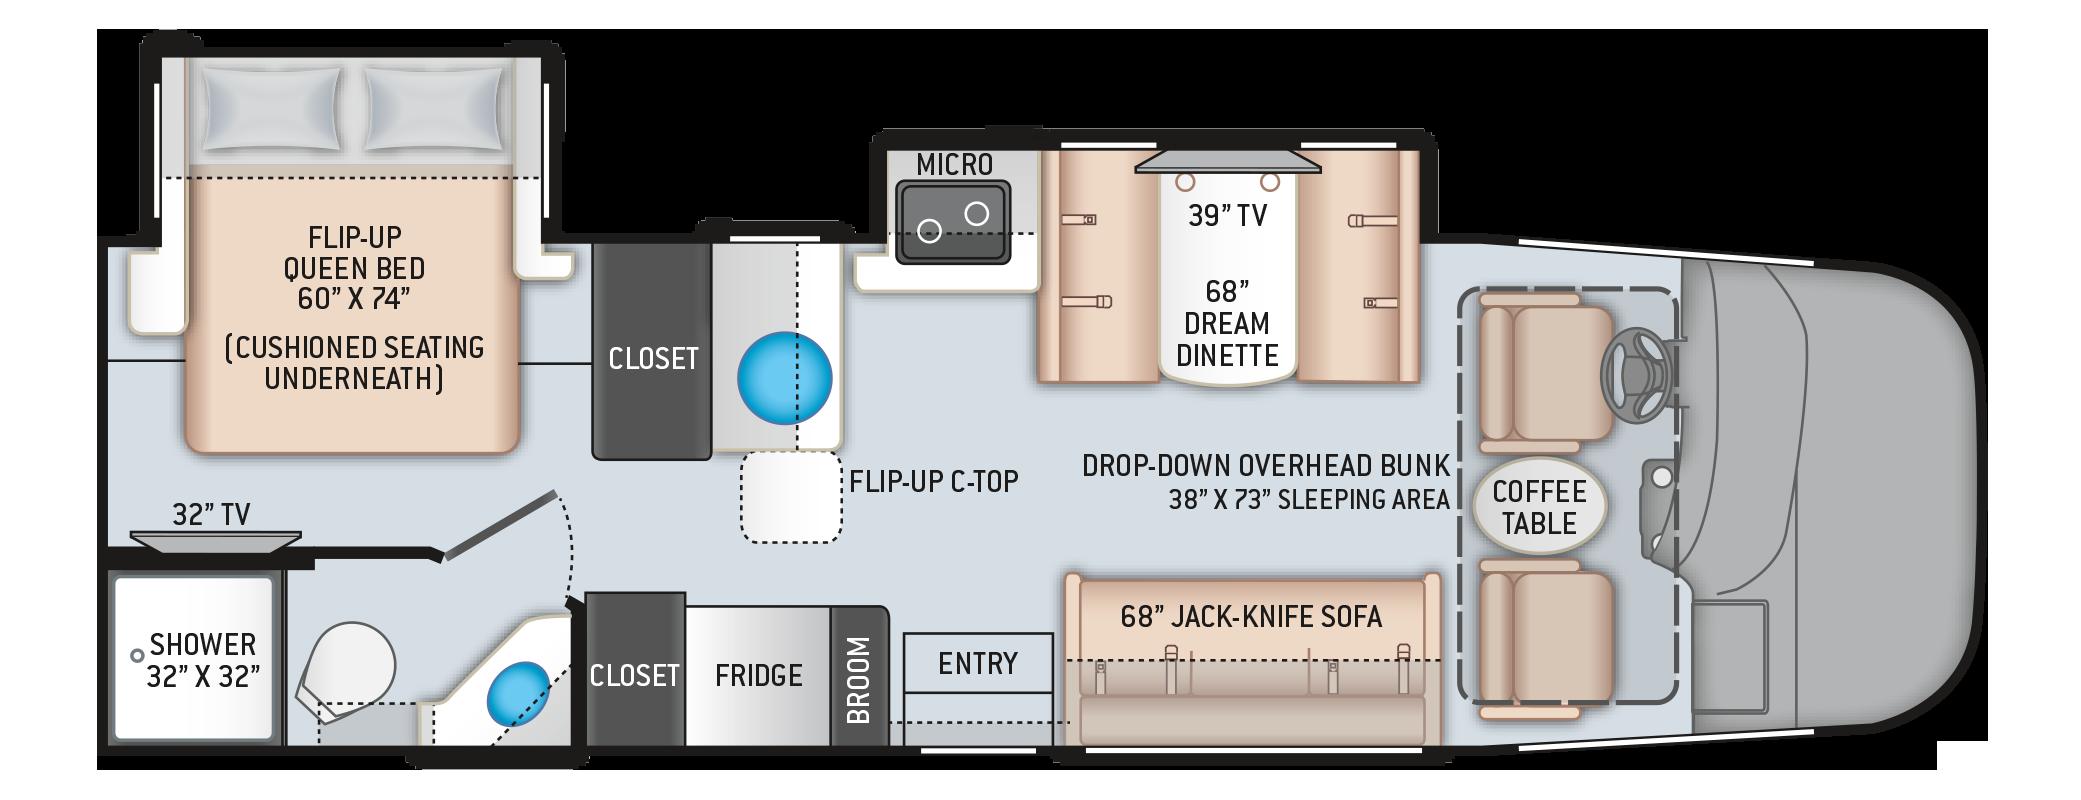 Axis RUV Class A Motorhome 27.7 Floor Plan